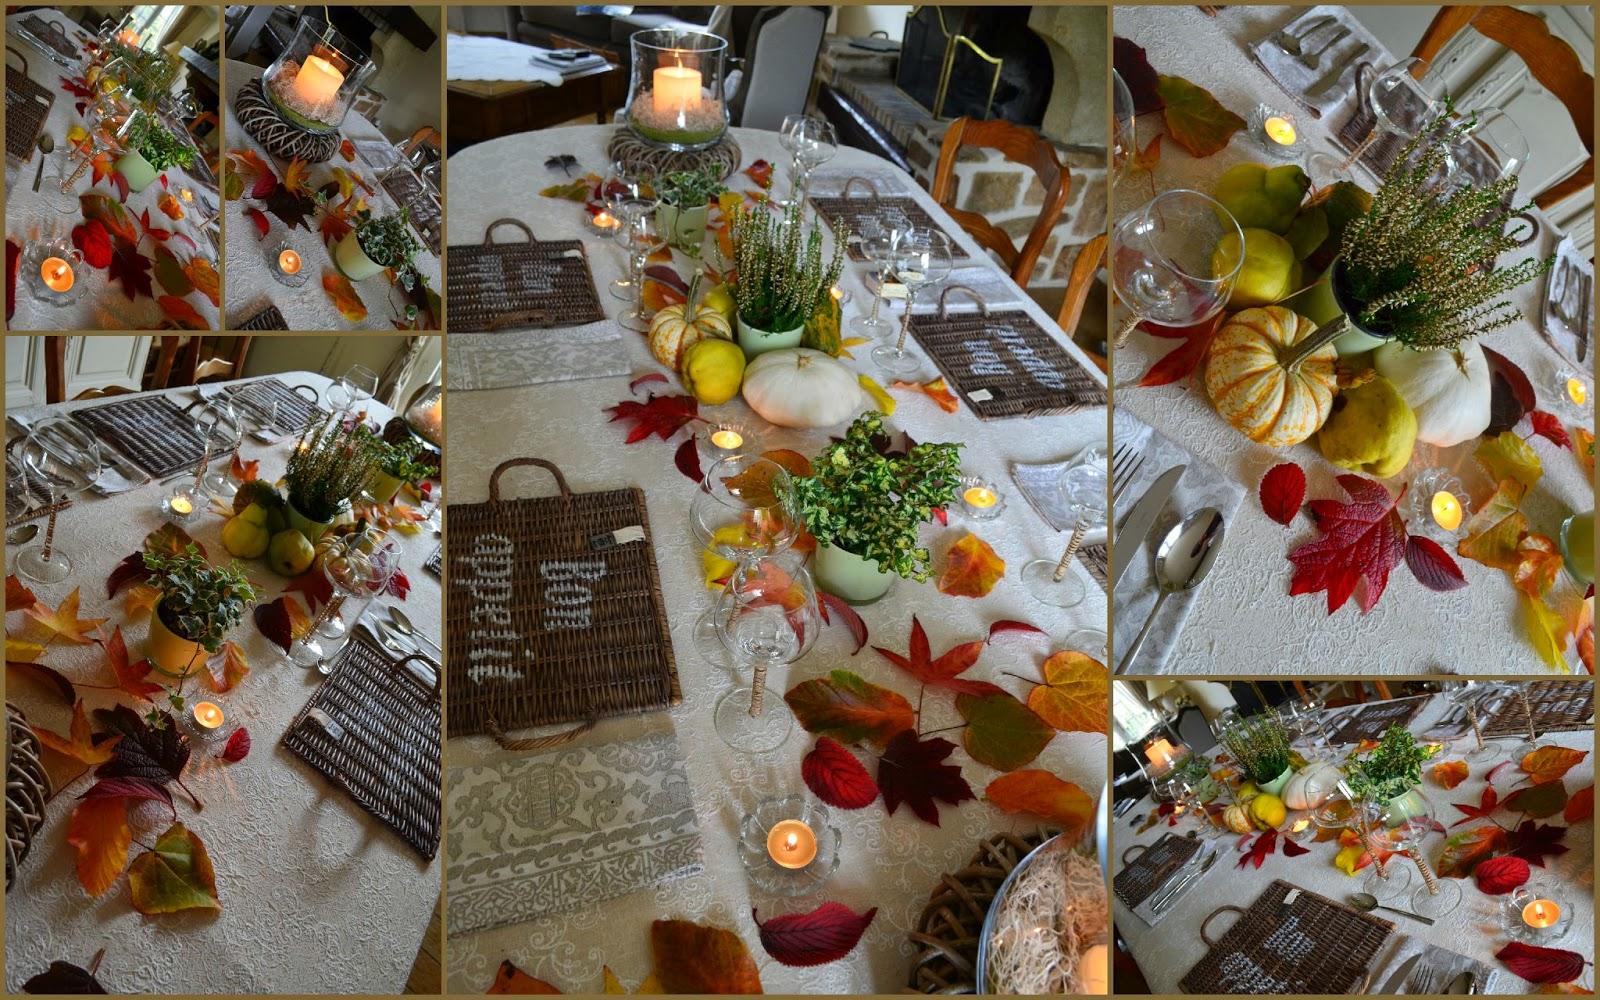 ma maison au naturel d coration d 39 automne pour notre table. Black Bedroom Furniture Sets. Home Design Ideas